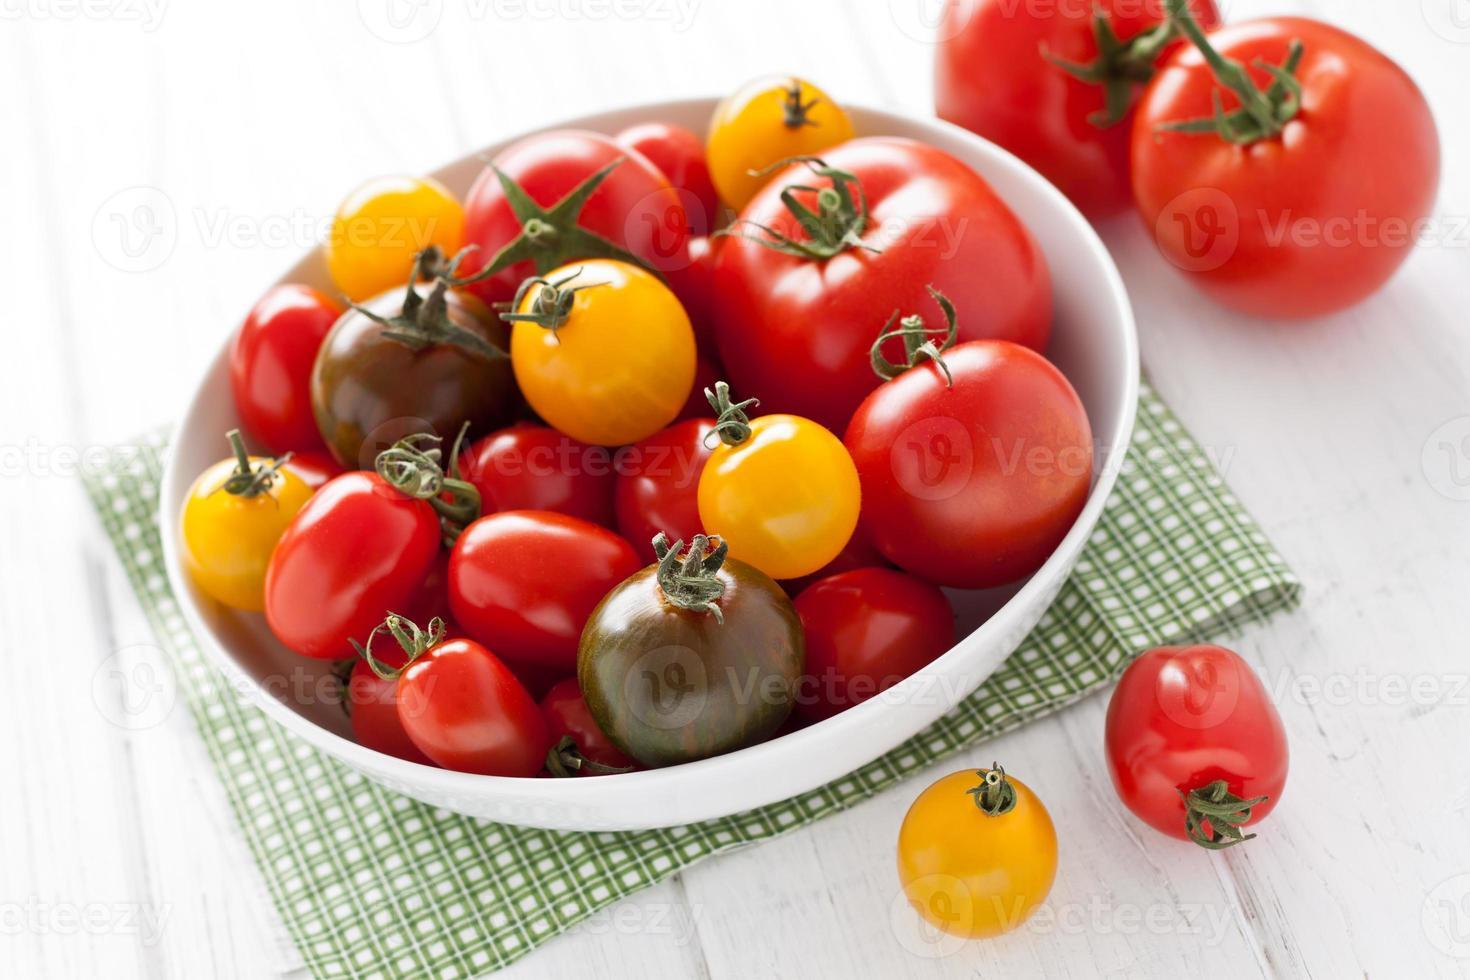 plaat met kleurrijke tomaten foto